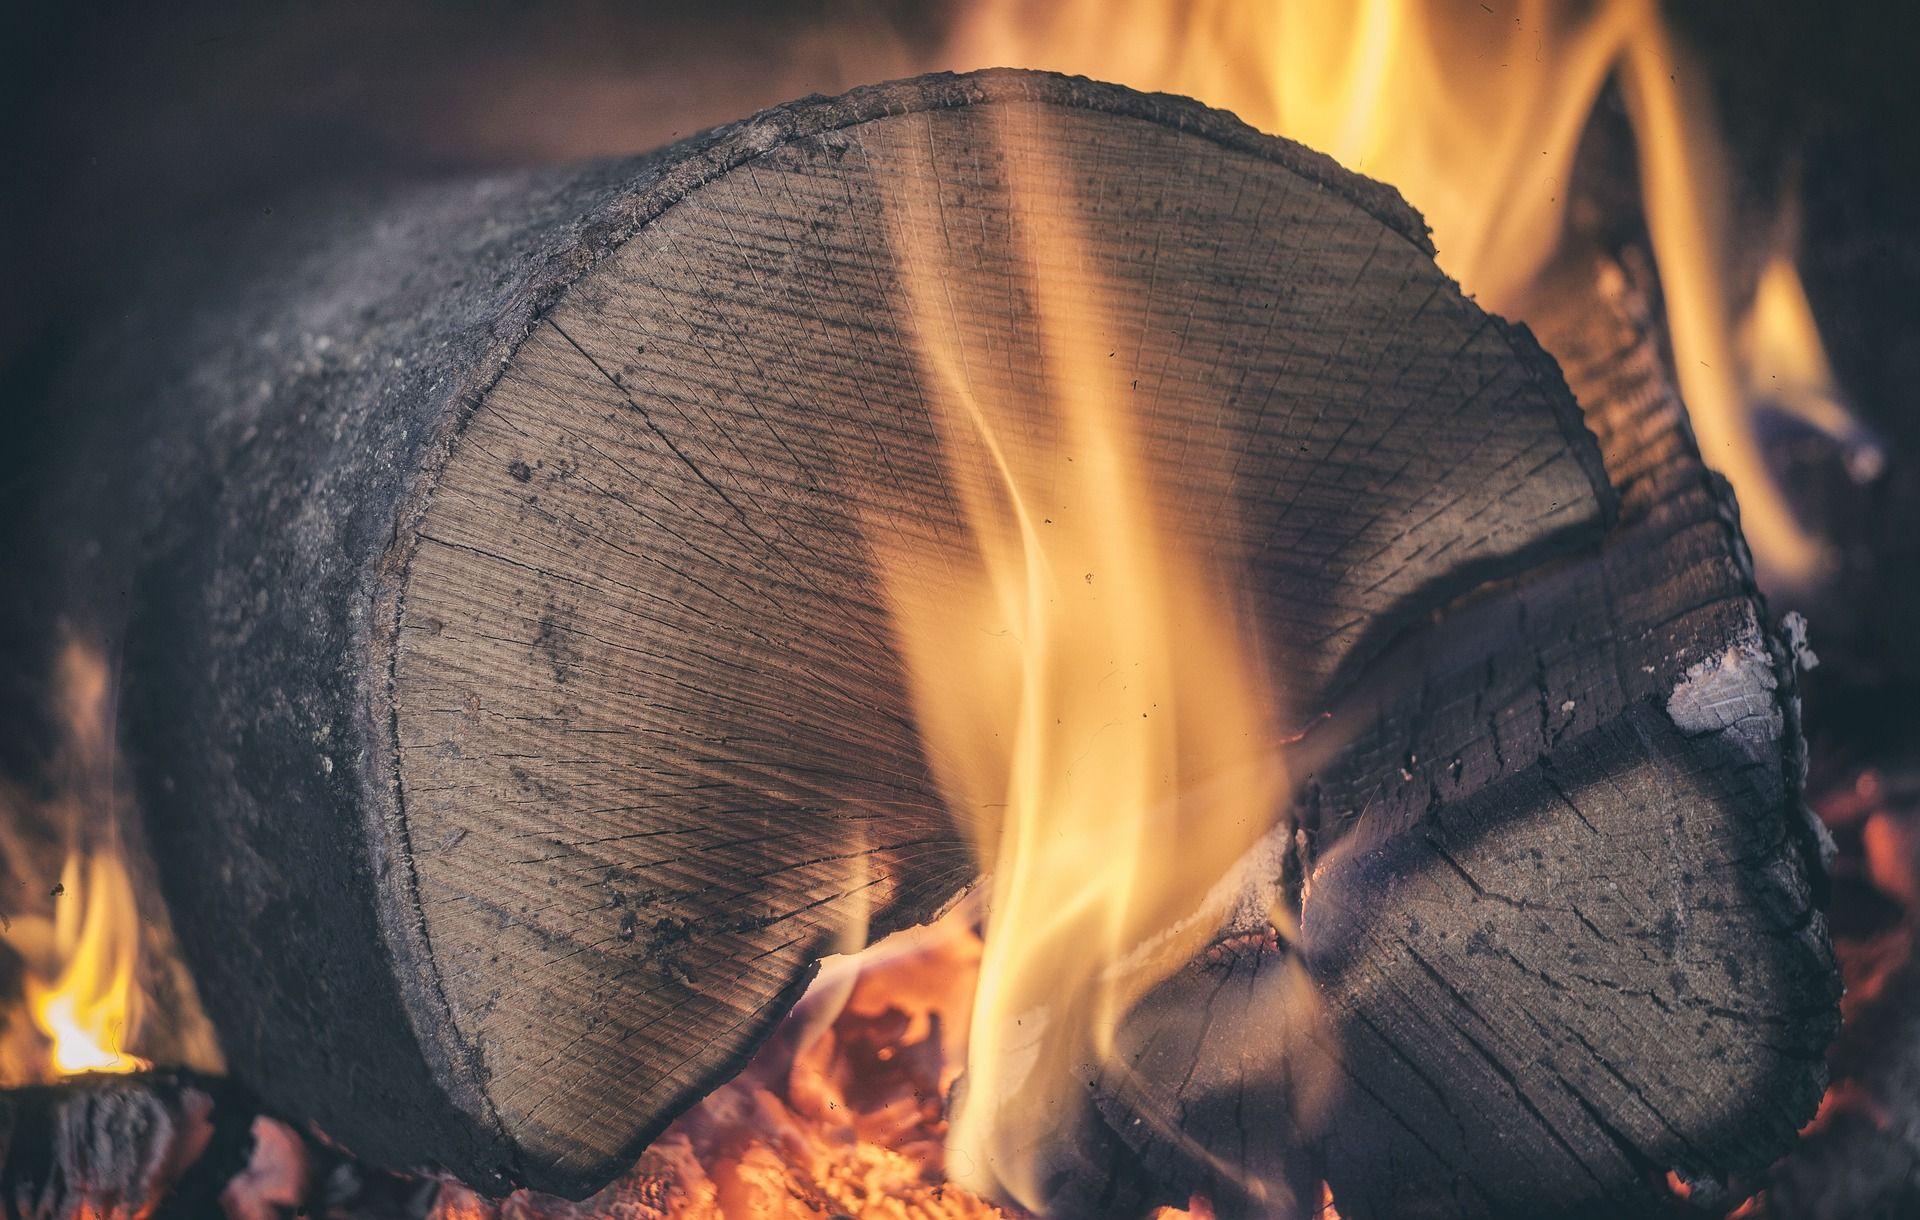 Gesundheitsexperten warnen vor heizen mit Holz